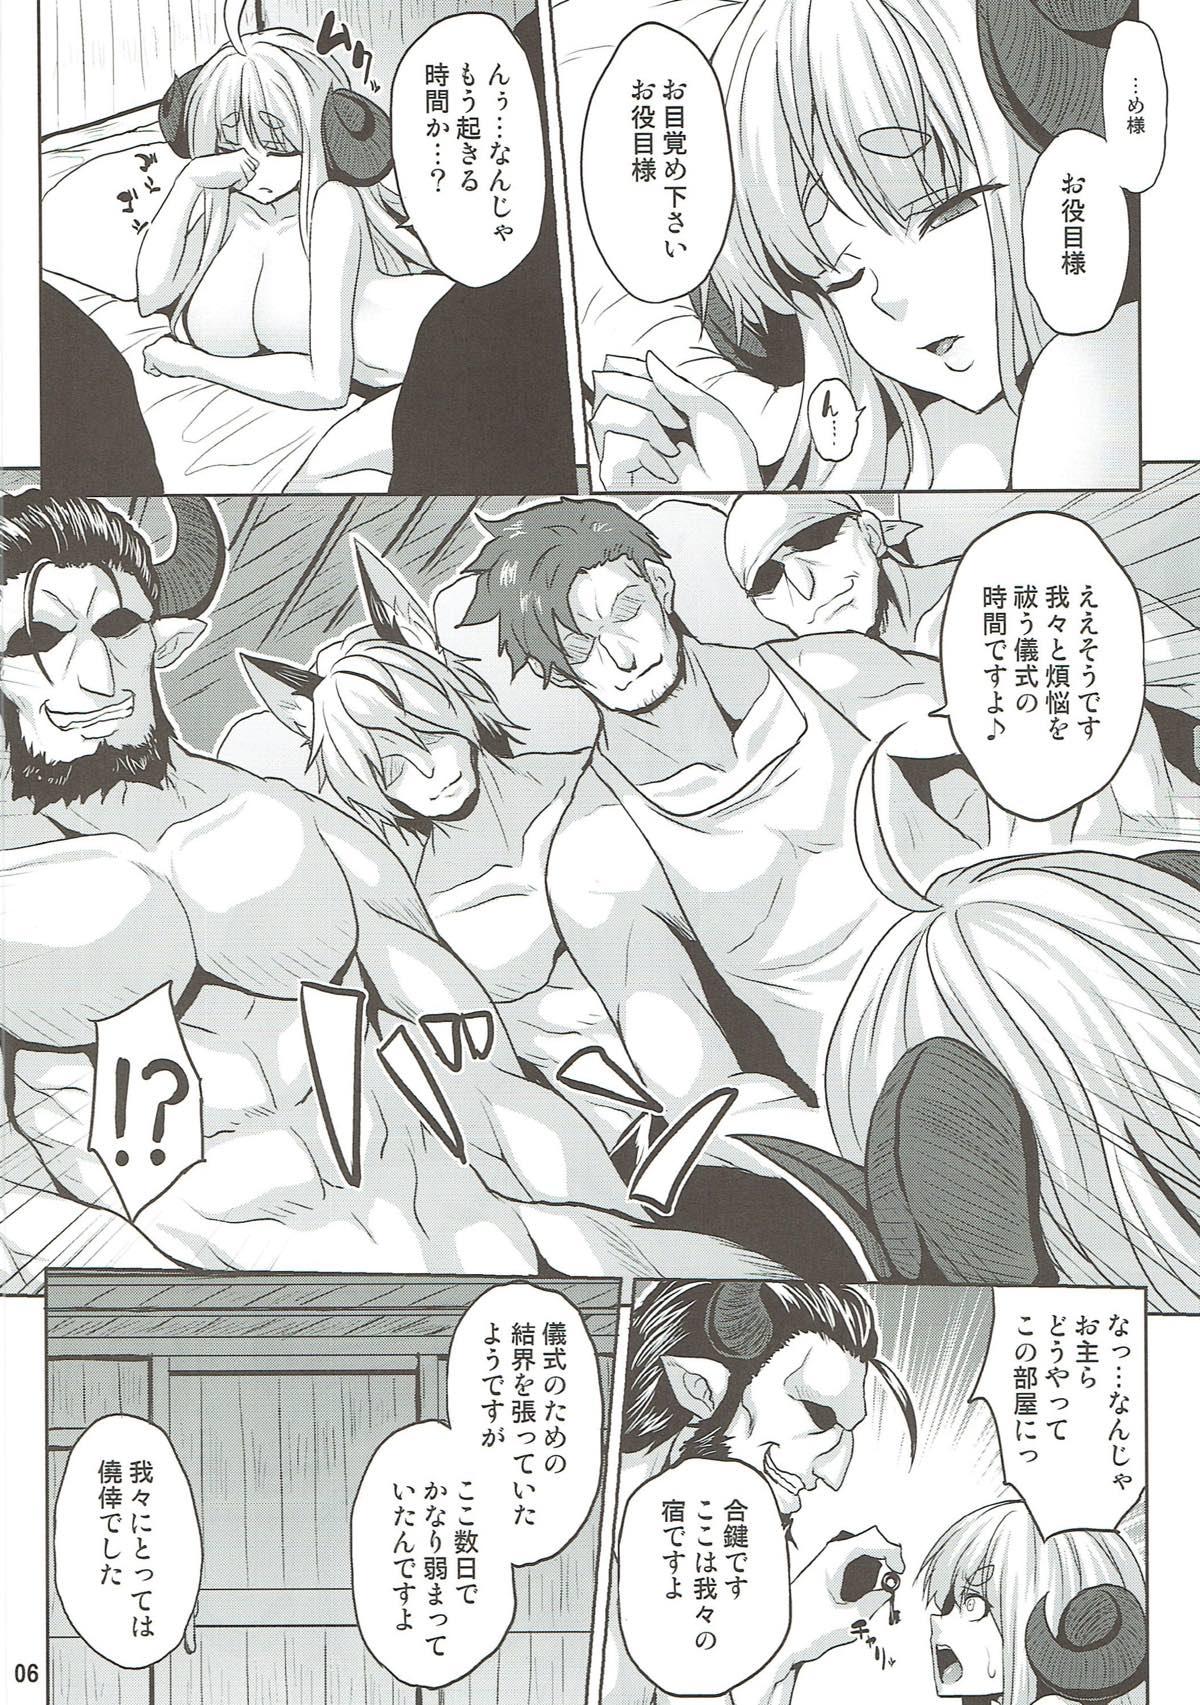 【エロ同人誌 グラブル】いつものようにイチャラブでザーメン漬けになって愛情を交換していたはずなのに・・・【無料 エロ漫画】 (5)